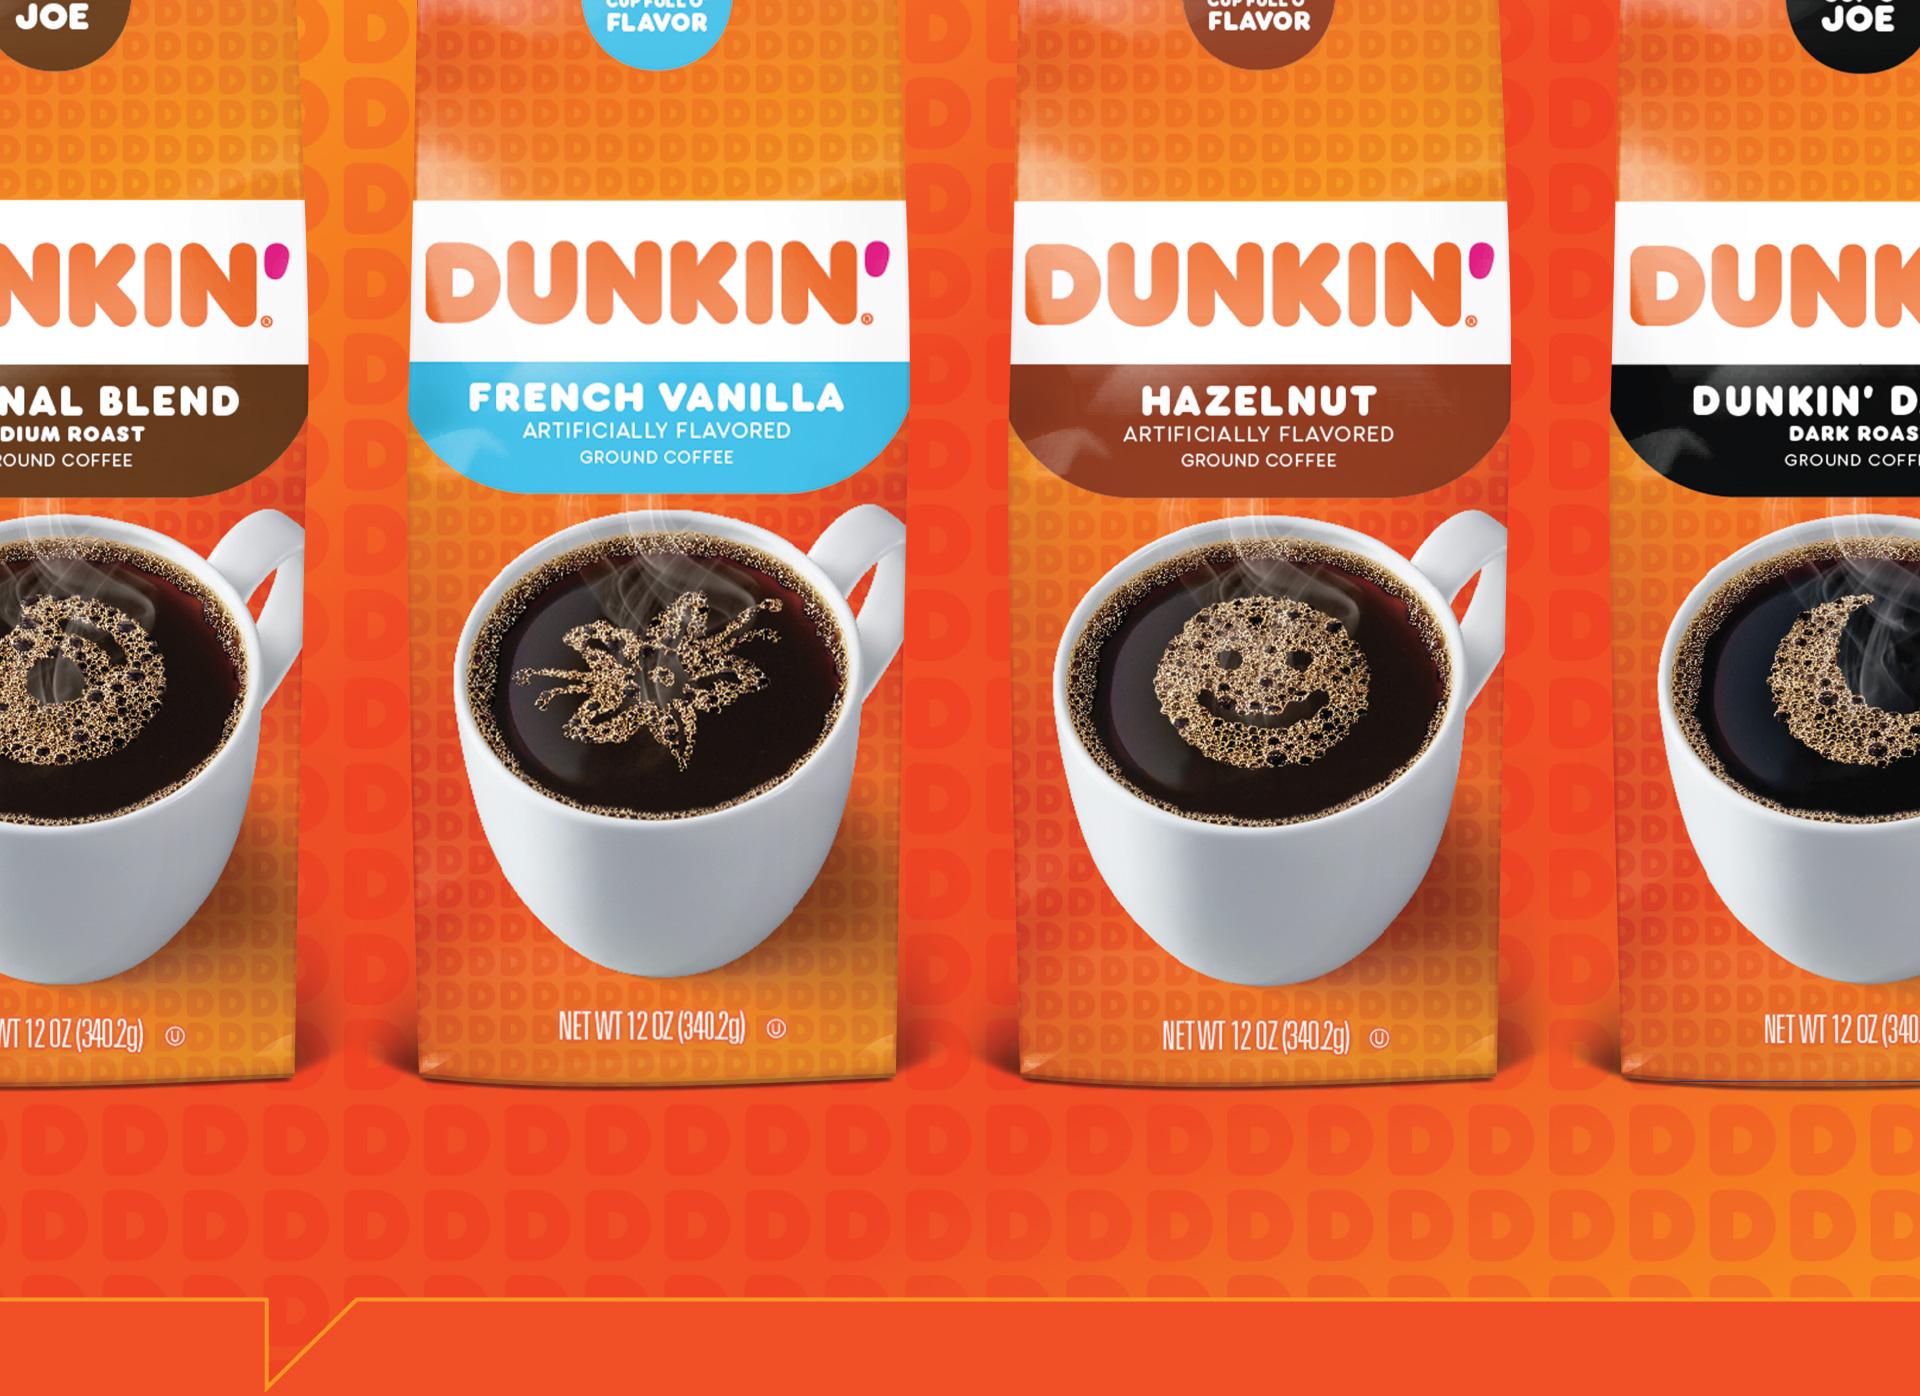 Dunkin - Packaging Design